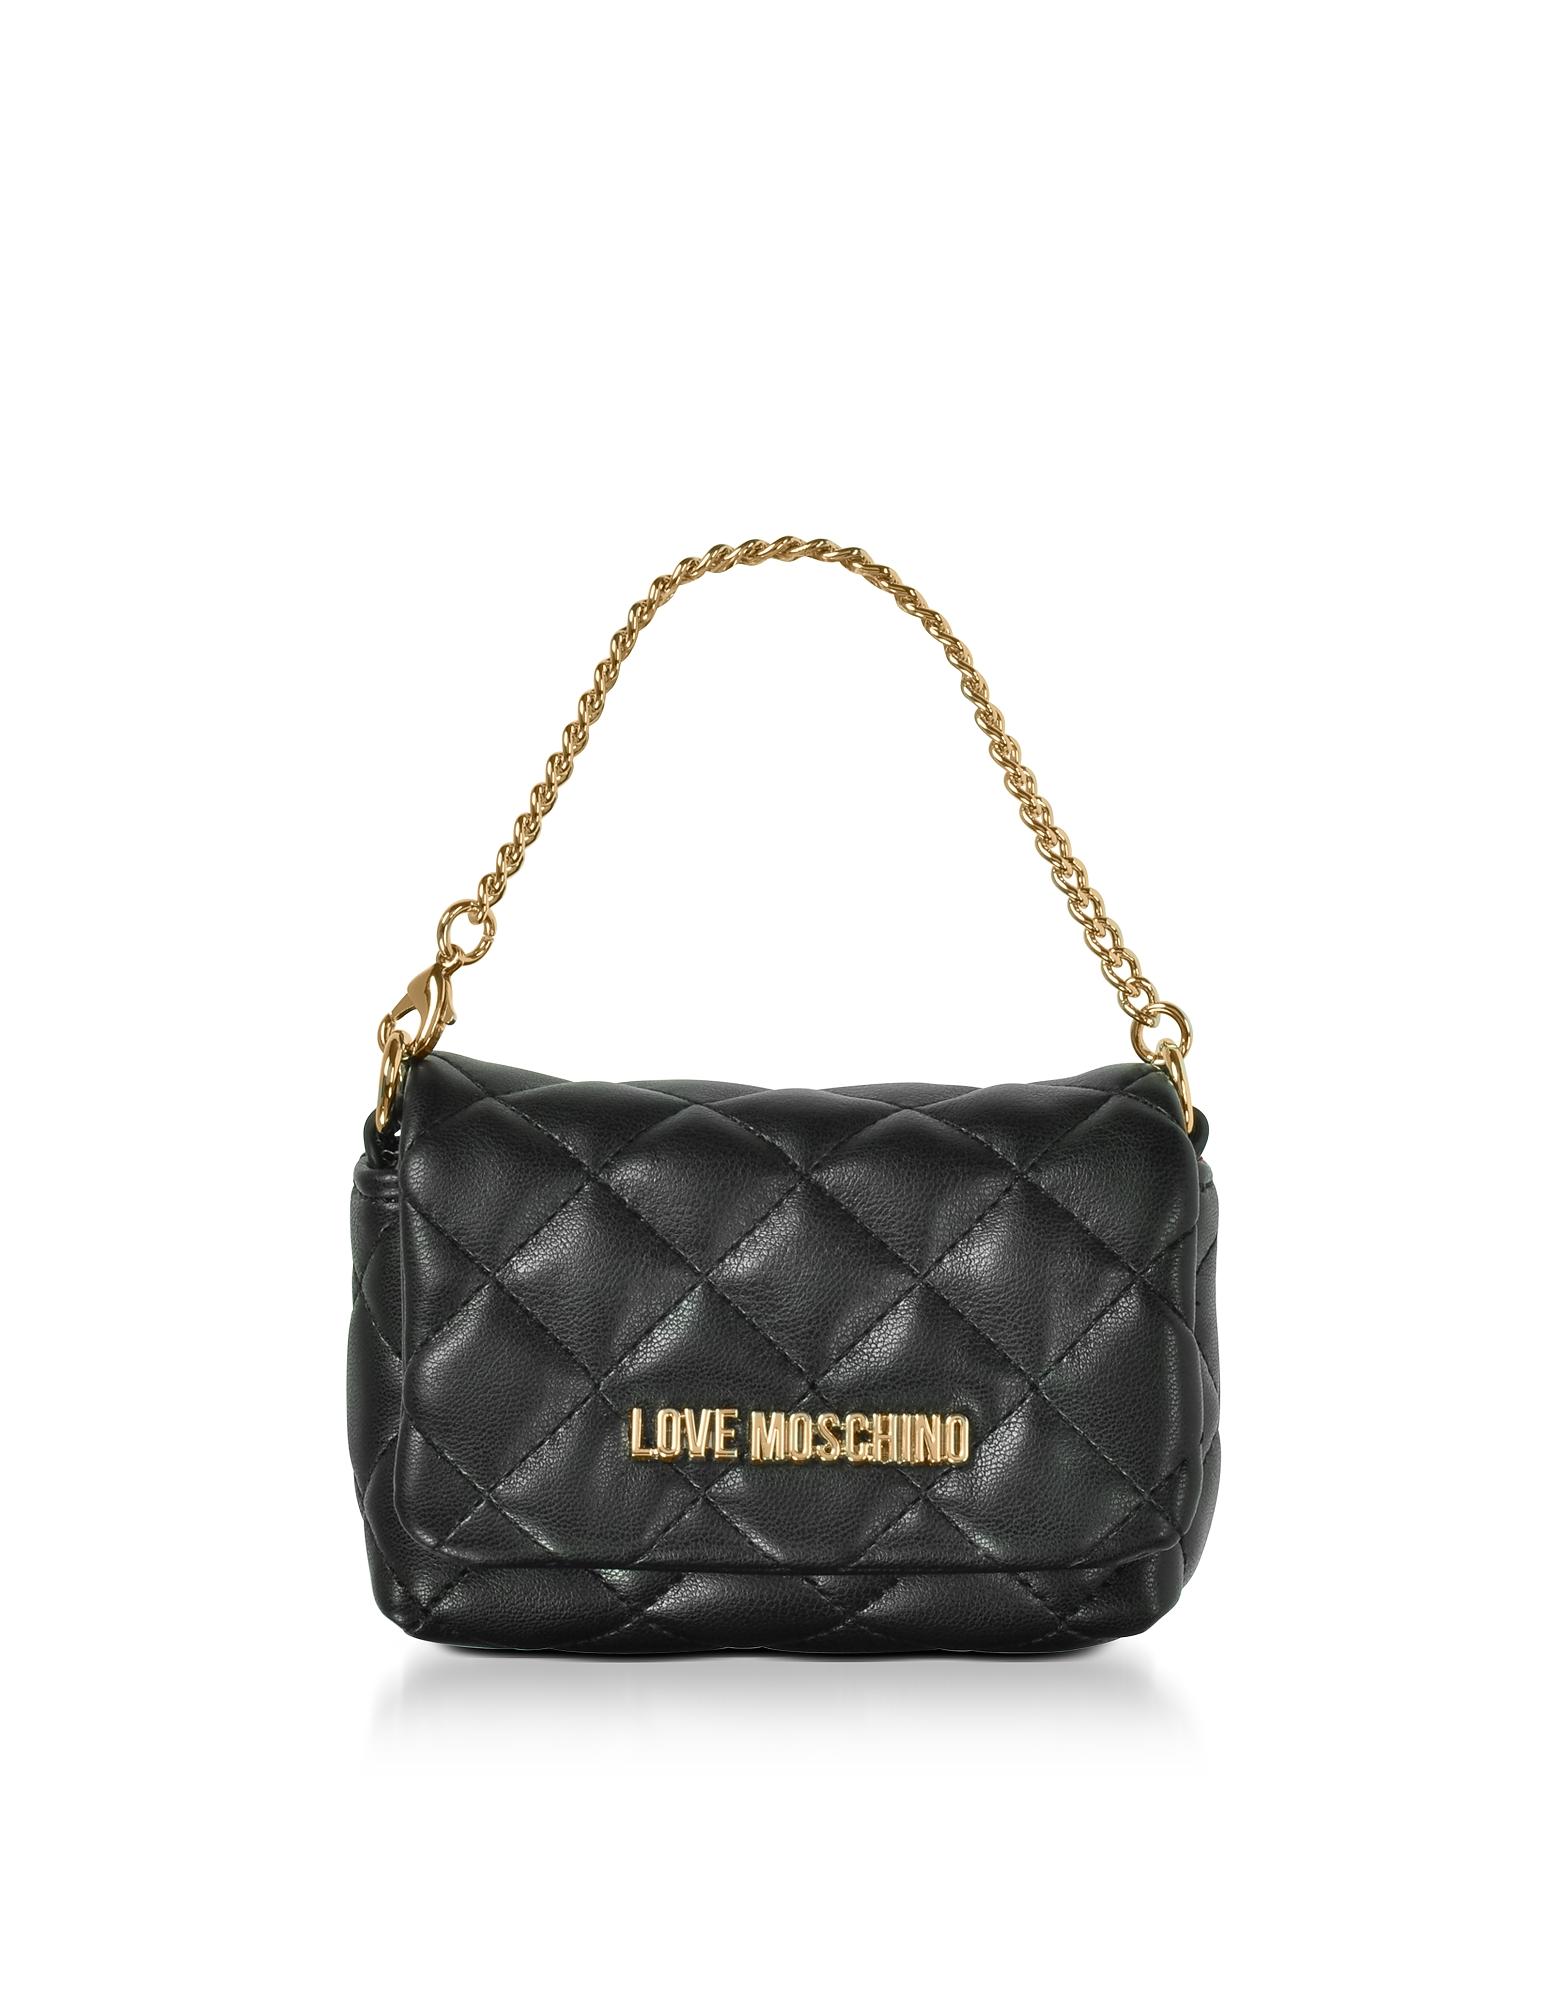 Mini Bag - Черный Клатч из Эко - Кожи